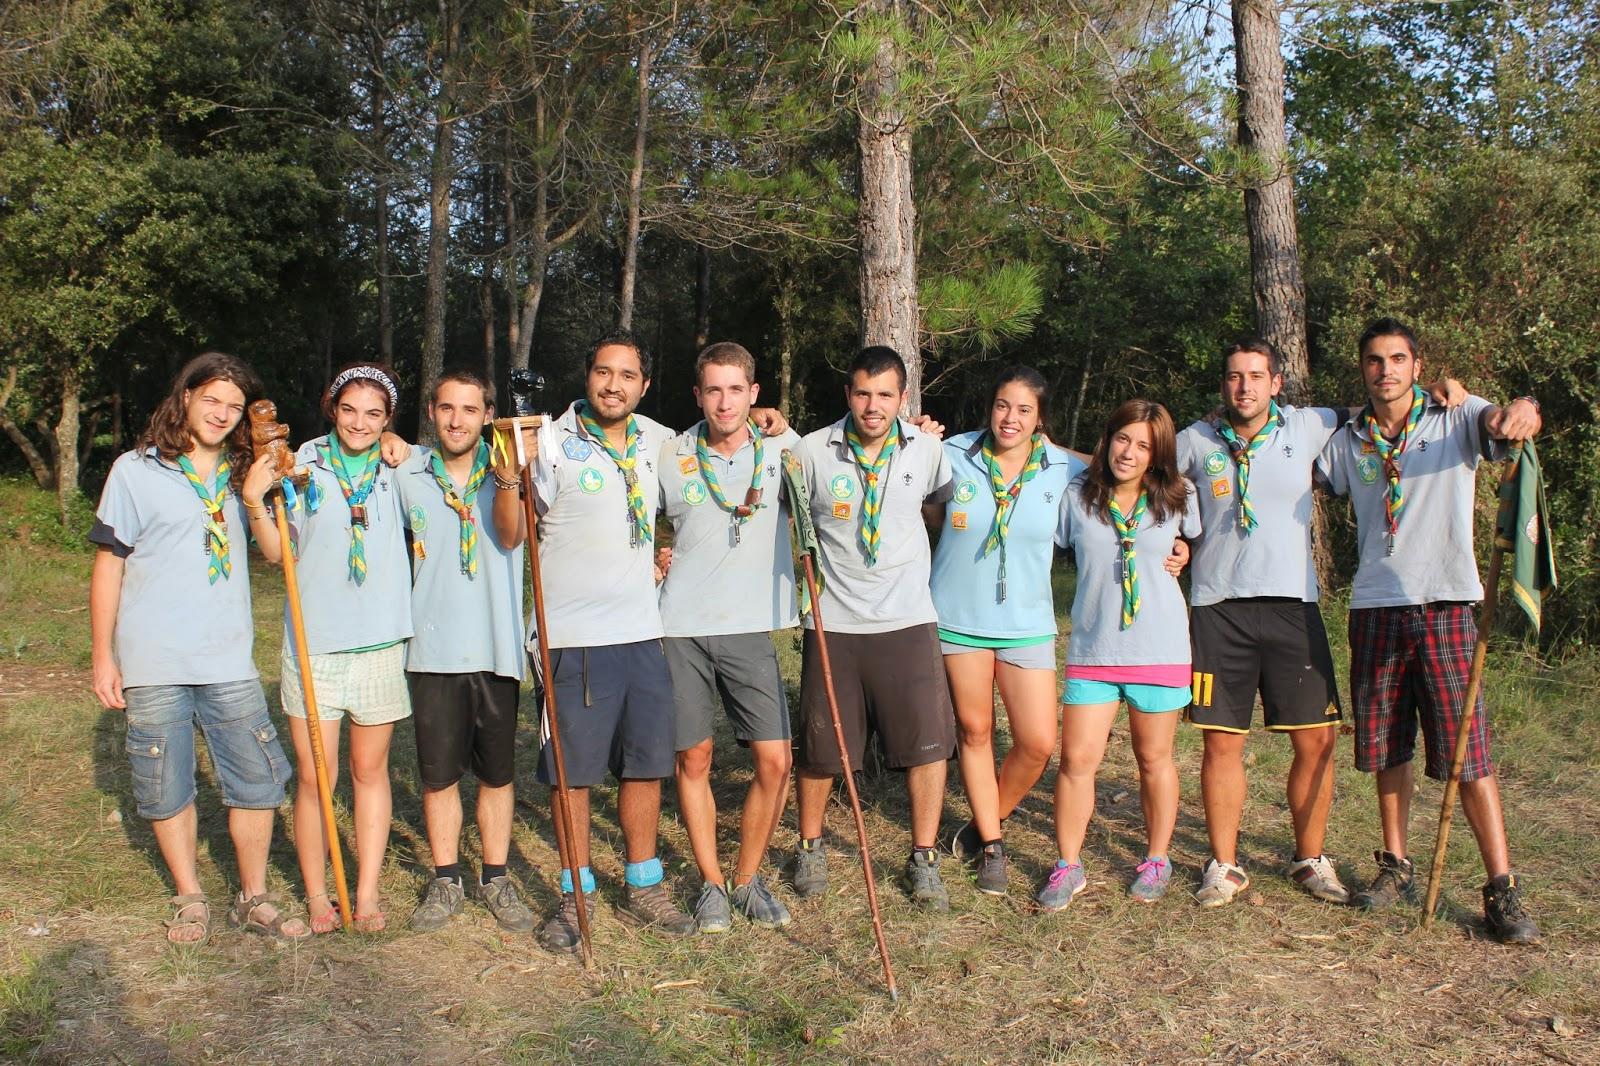 Campaments Estiu Cabanelles 2014 - IMG_0553.JPG